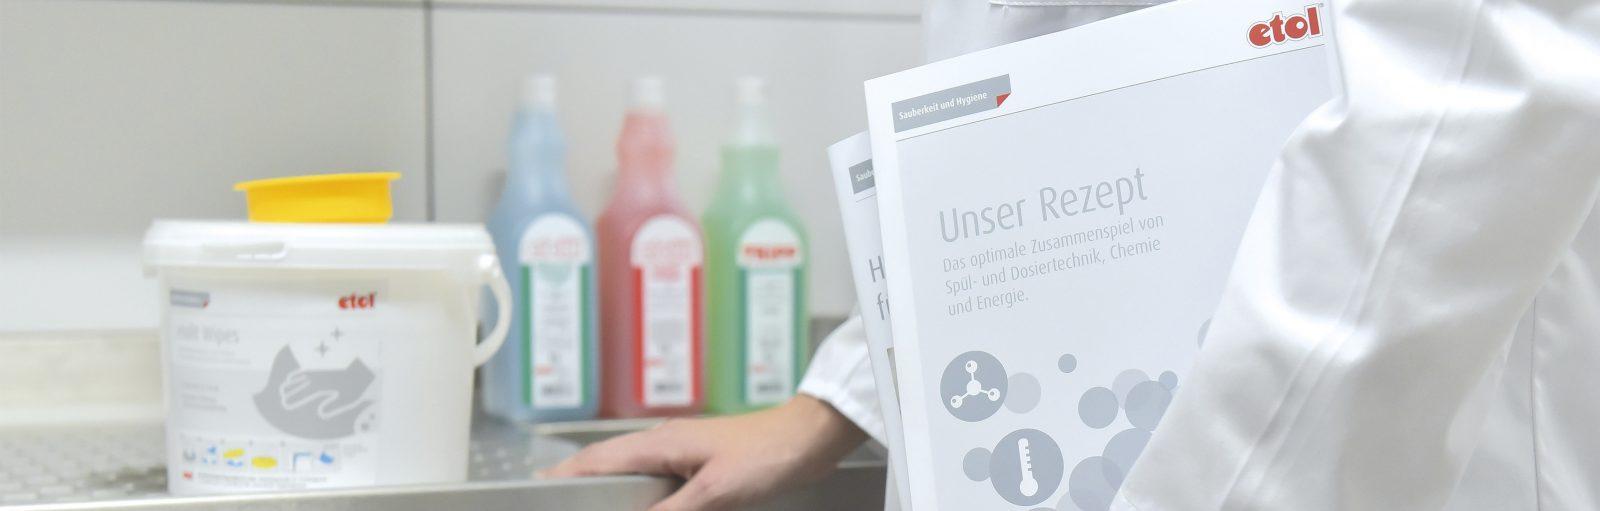 etol Hygiene Reinigungsmittel für die gewerbliche Küche und Spülmaschine, Hygienemanagement, Hygieneberatung